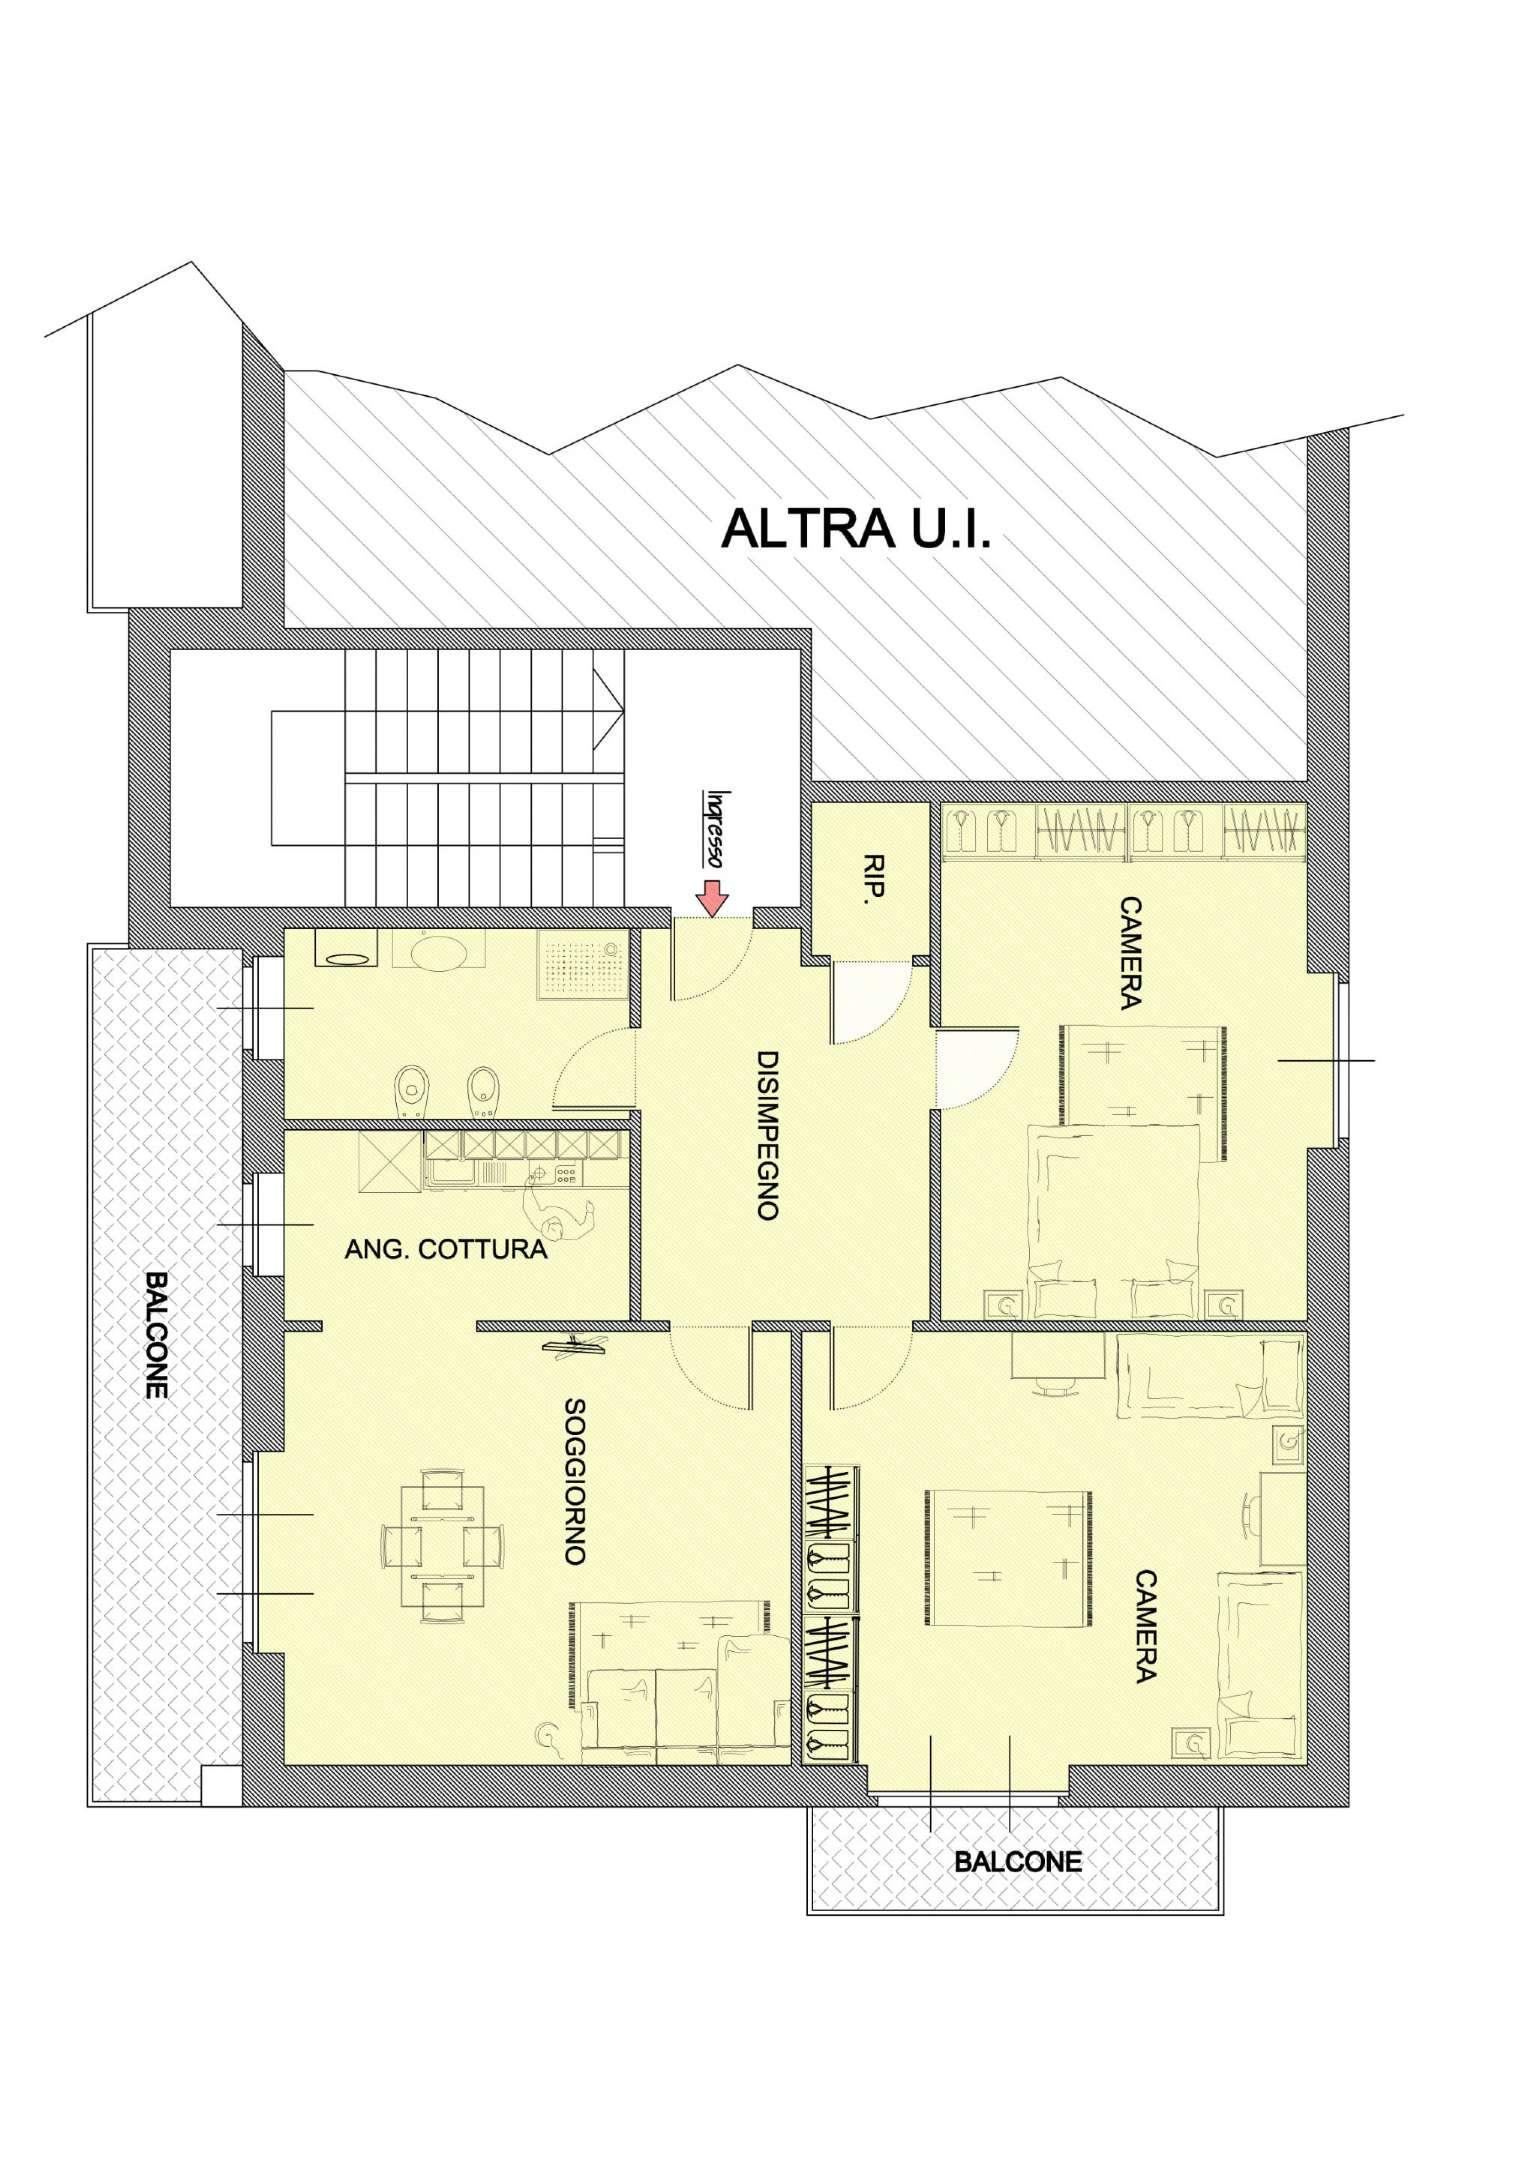 Appartamento in vendita a Cafasse, 4 locali, prezzo € 59.000 | CambioCasa.it